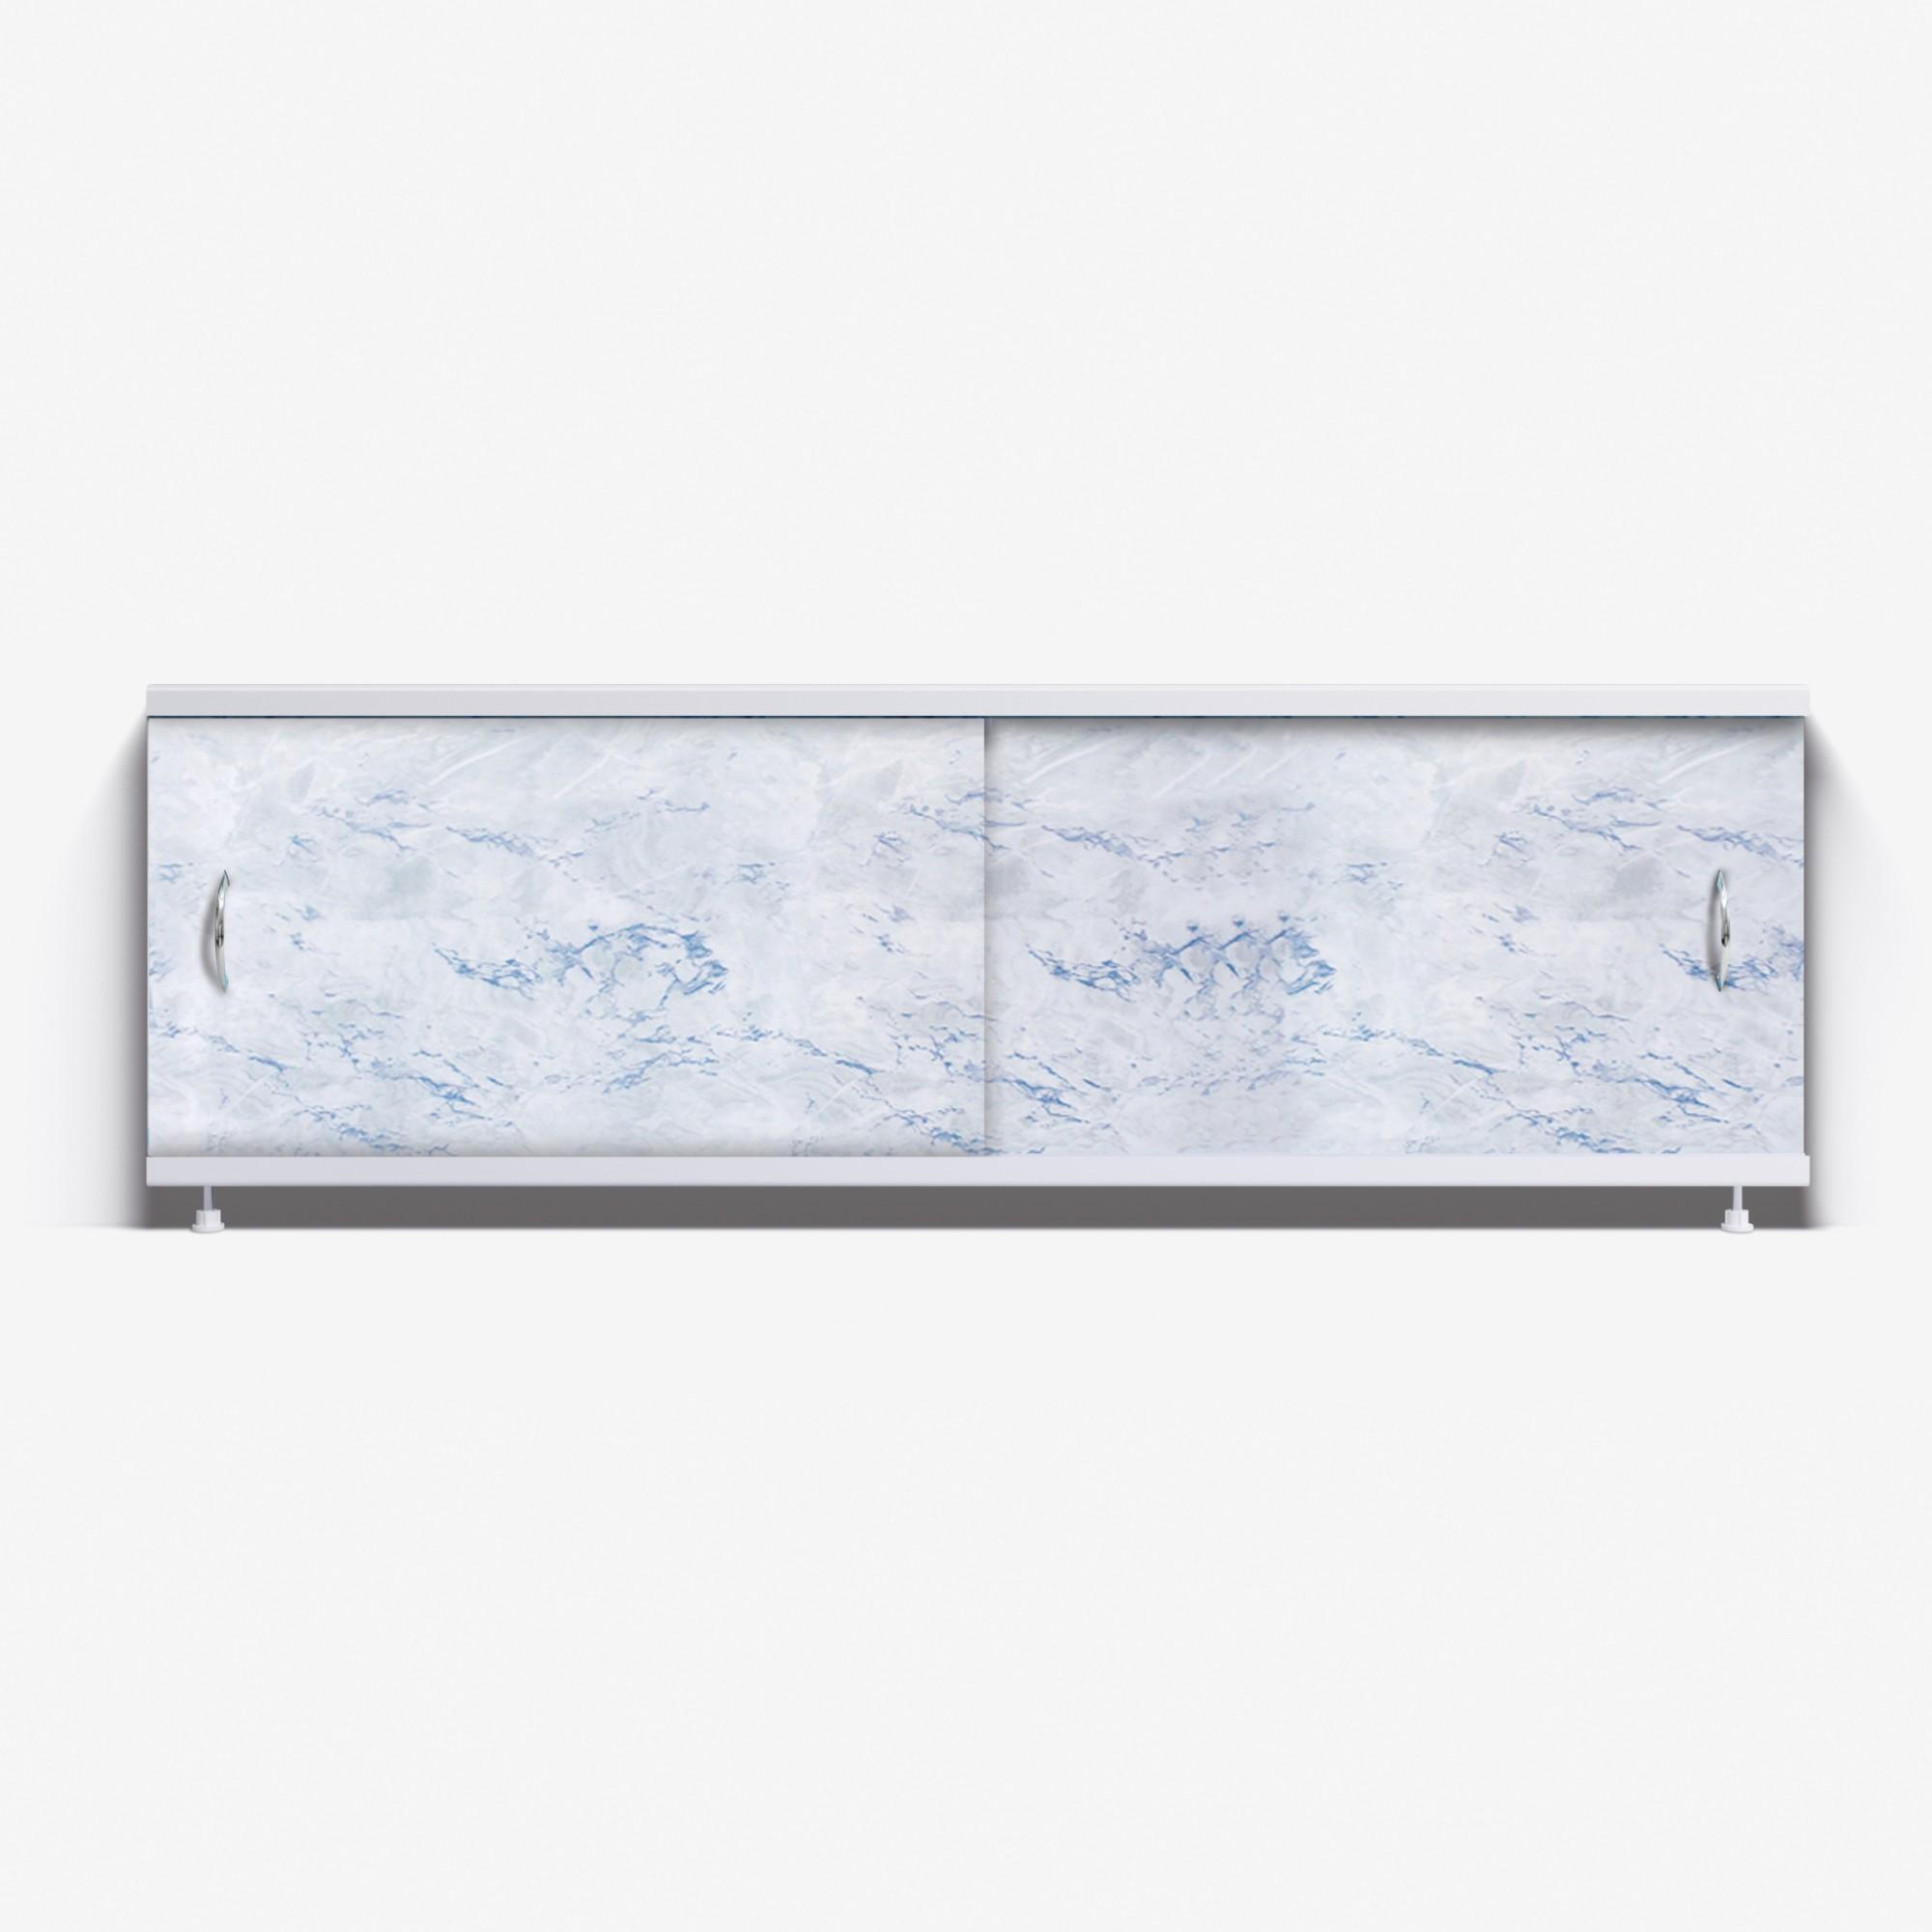 Экран под ванну Классик 150 серо-голубой мрамор